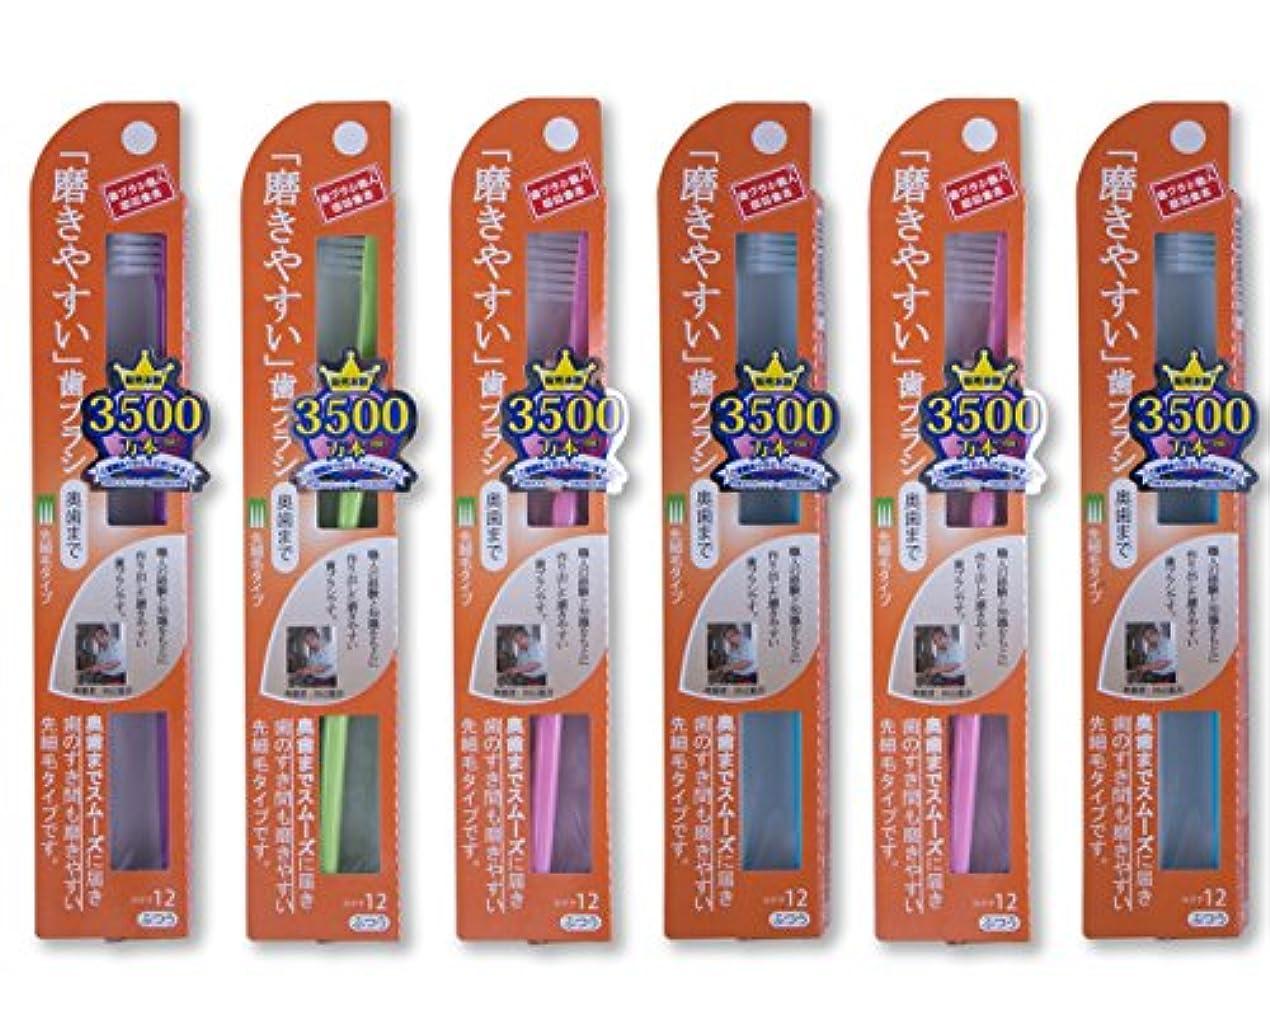 人口息を切らして広く歯ブラシ職人 Artooth® 田辺重吉  日本製 磨きやすい歯ブラシ(奥歯まで)先細 LT-12 (6本入)